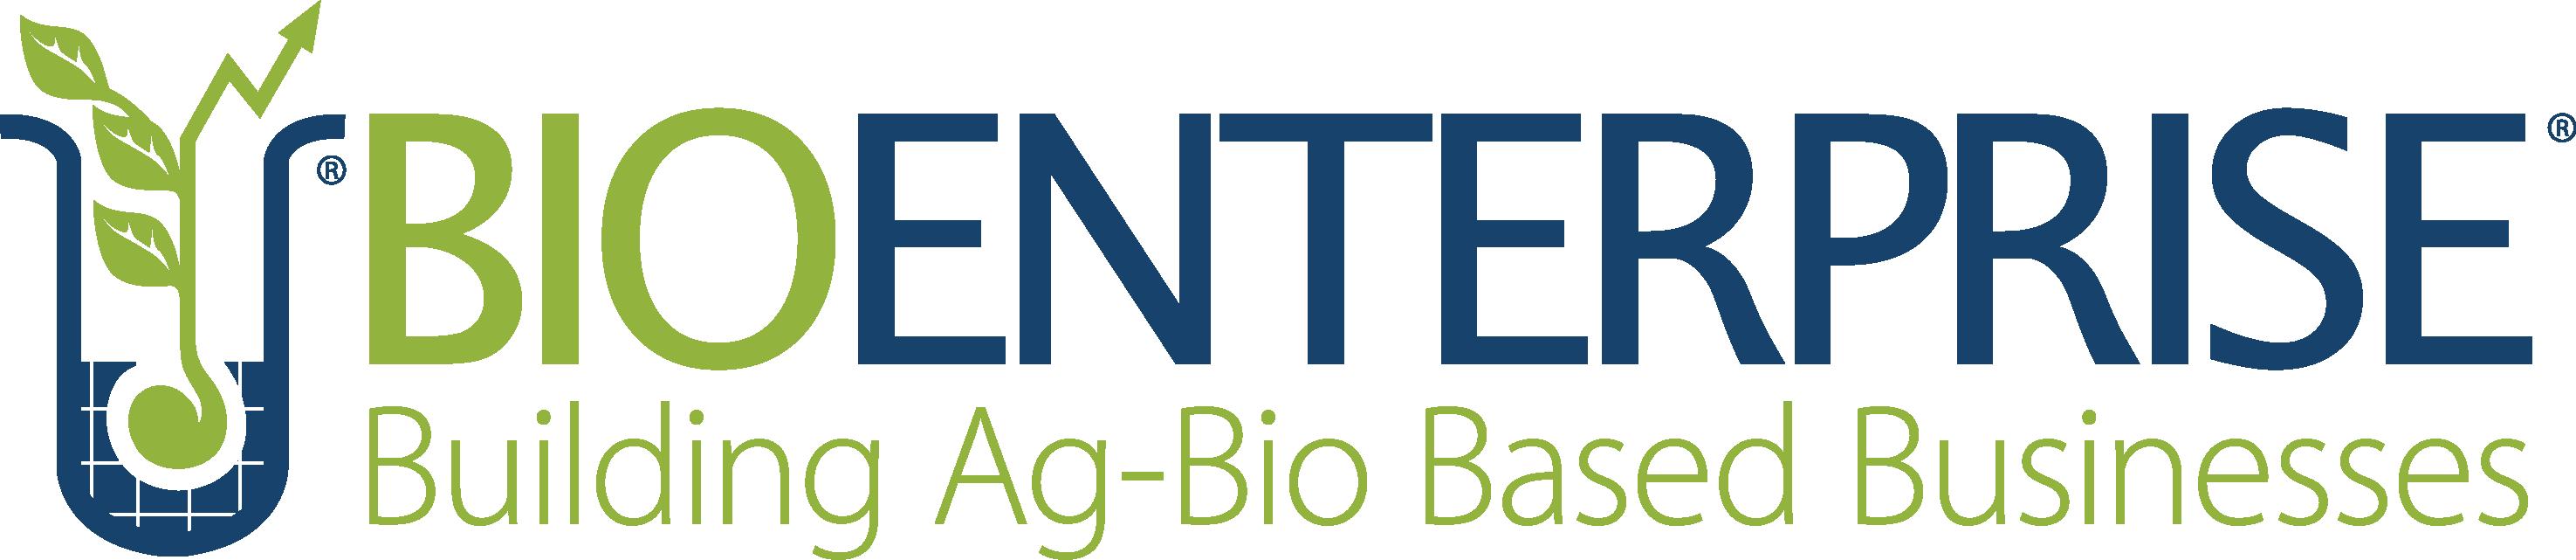 Bioenterprise logo